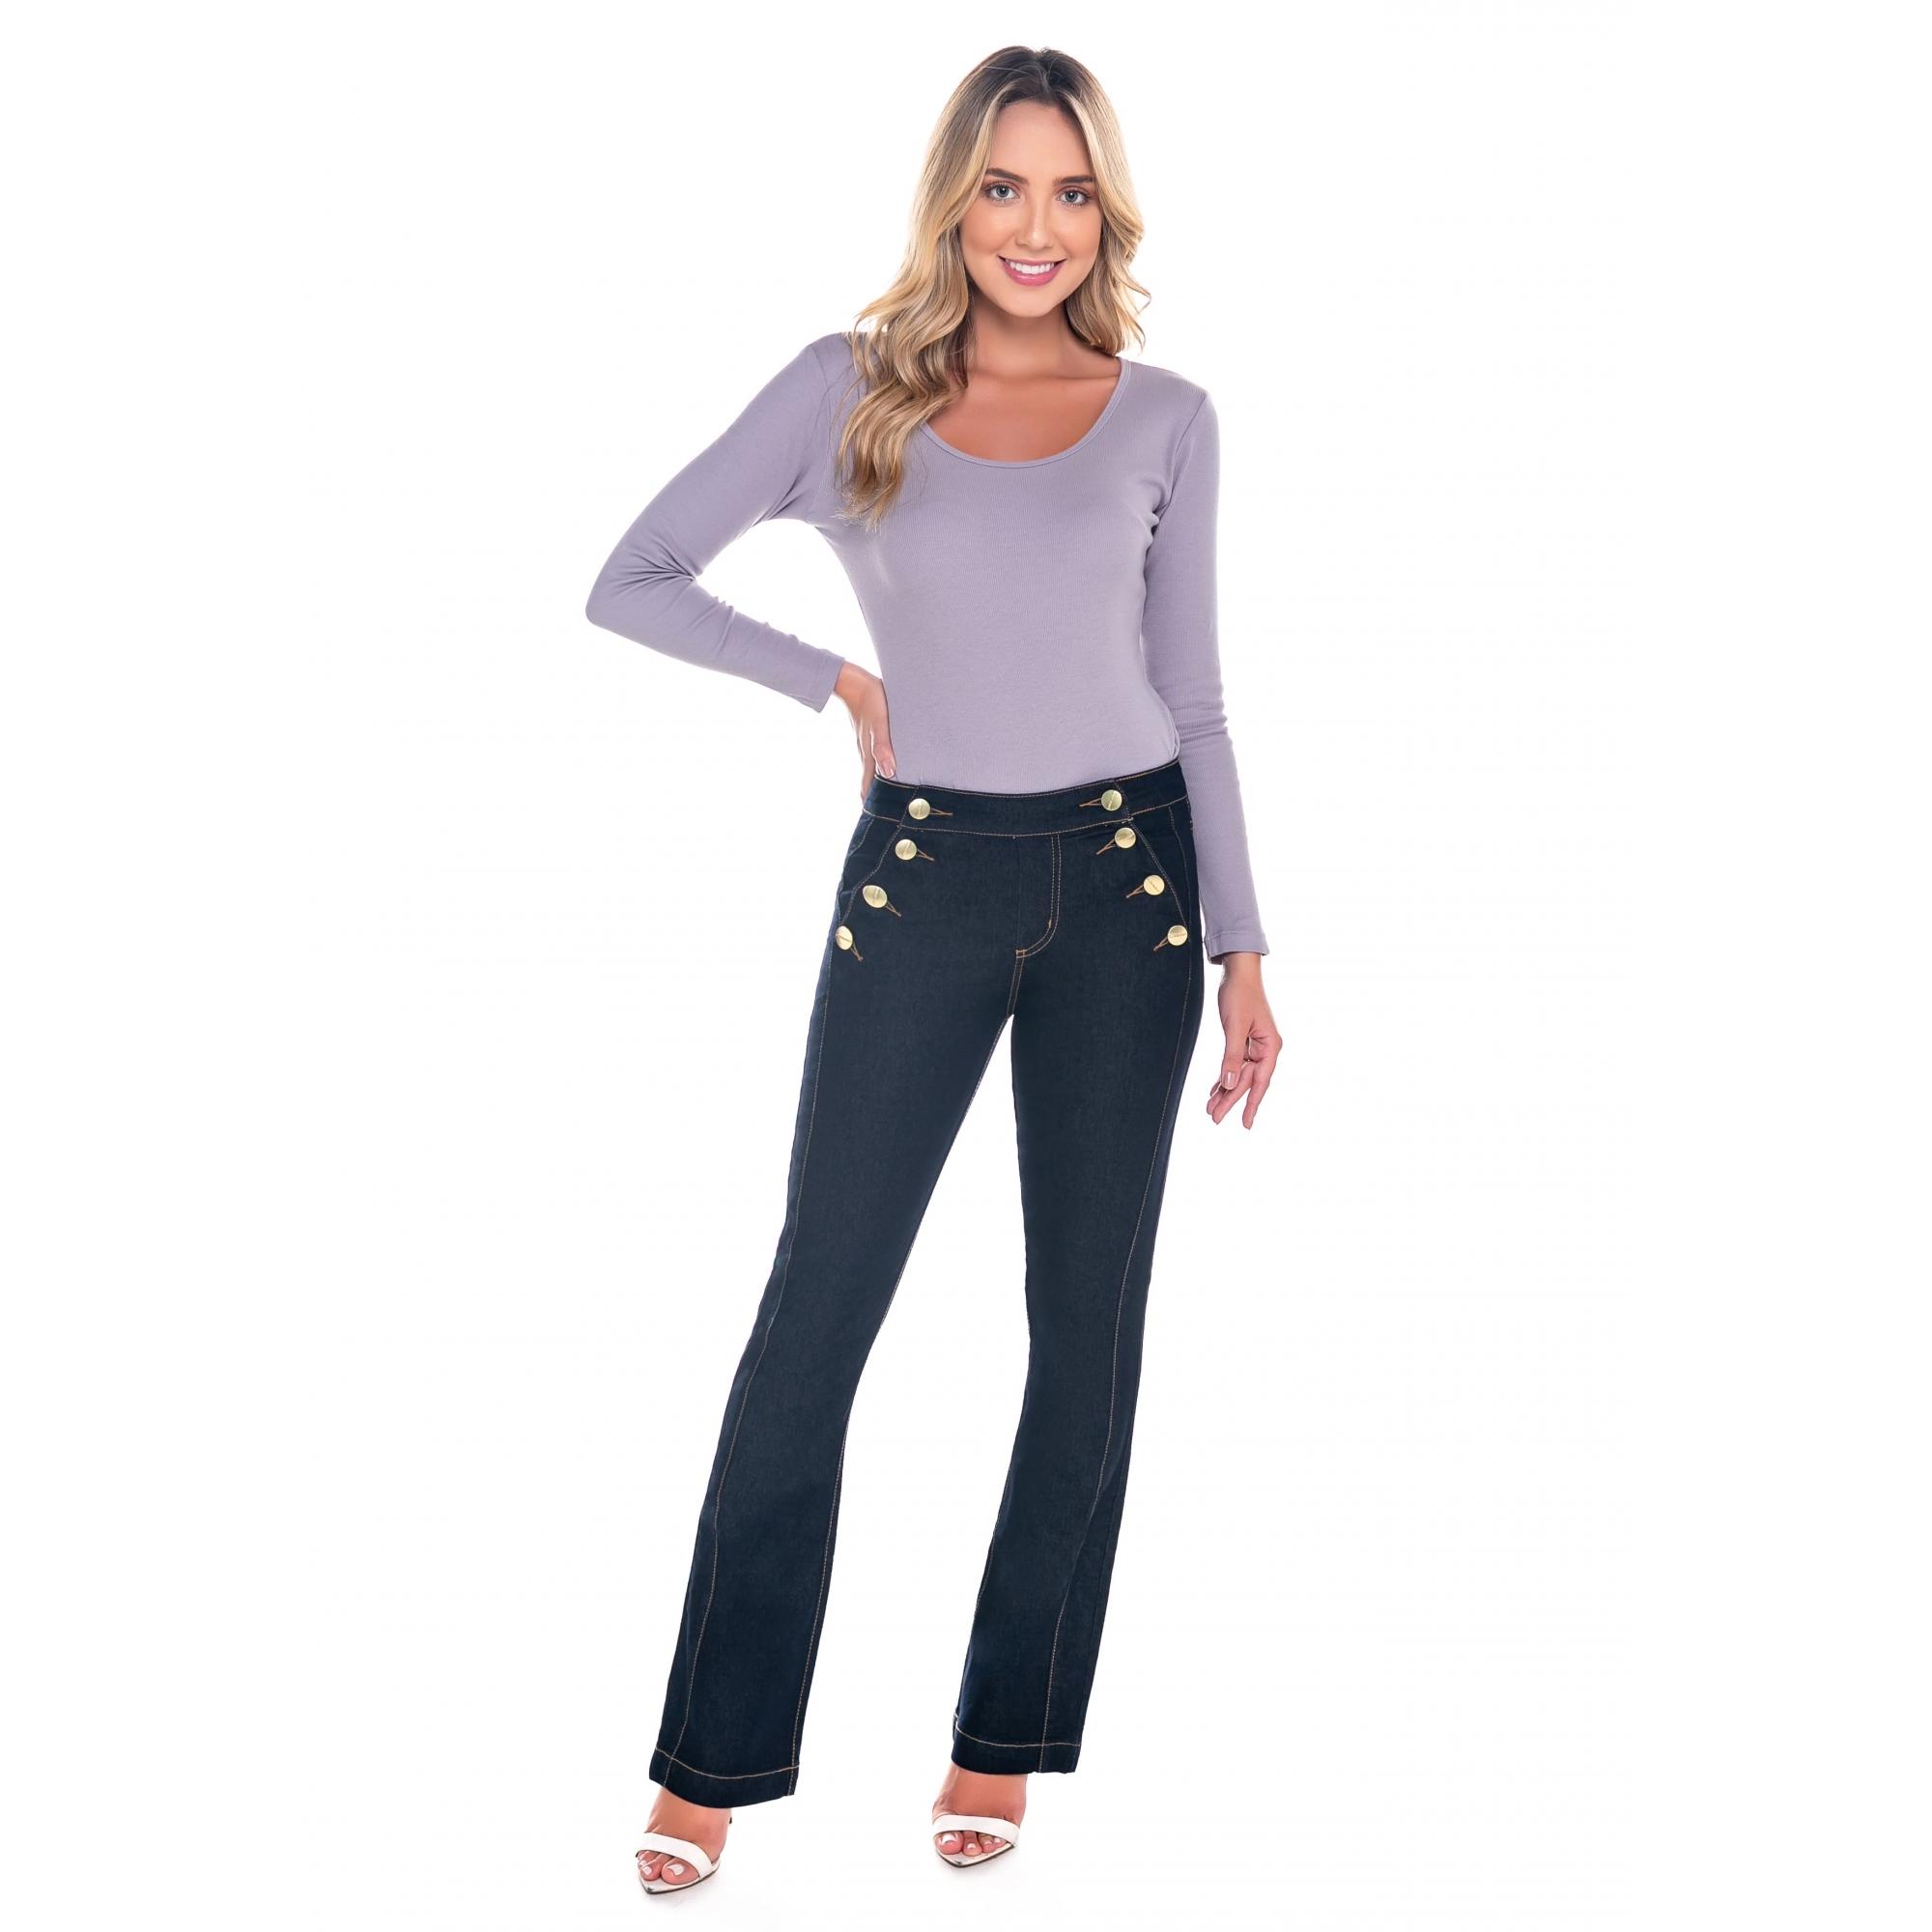 Calça Feminina Latifundio Boot Cut Jeans